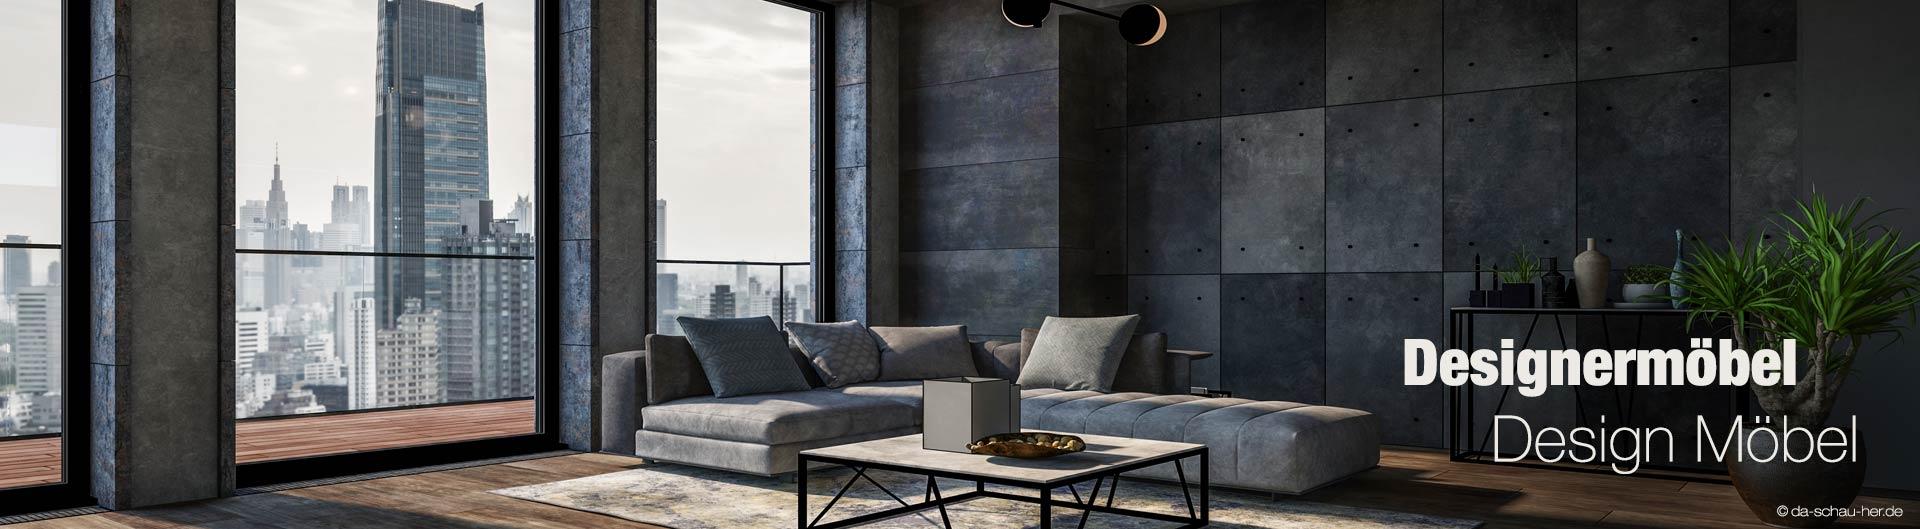 designermöbel ingolstadt design möbel | da-schau-her.de